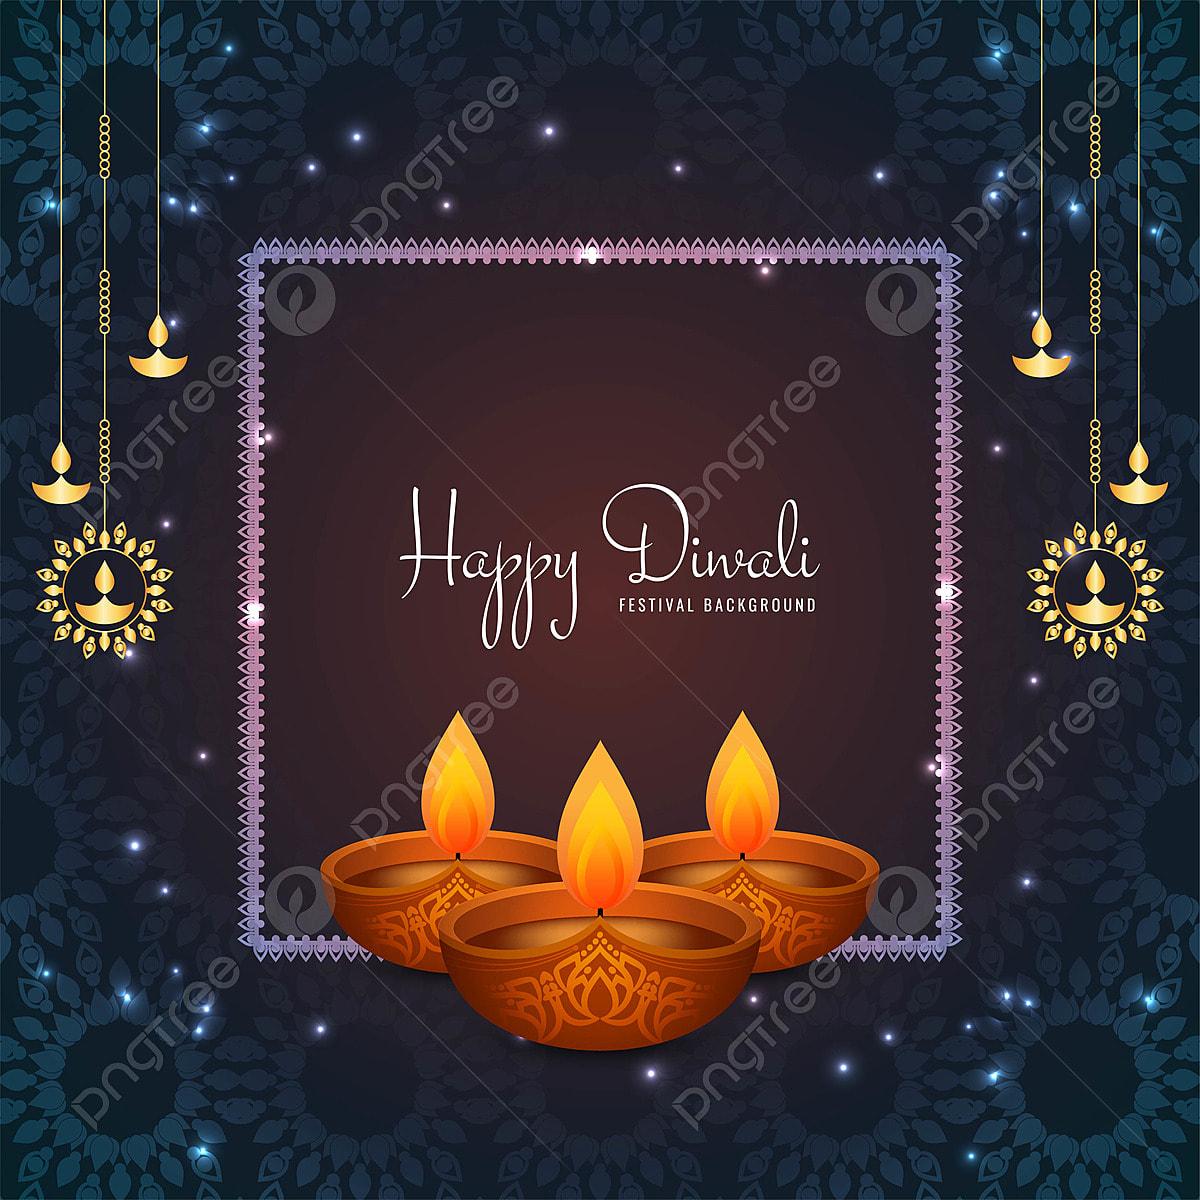 Celebration Joyeuse Diwali Fond Diwali Contexte Banner Png Et Vecteur Pour Telechargement Gratuit